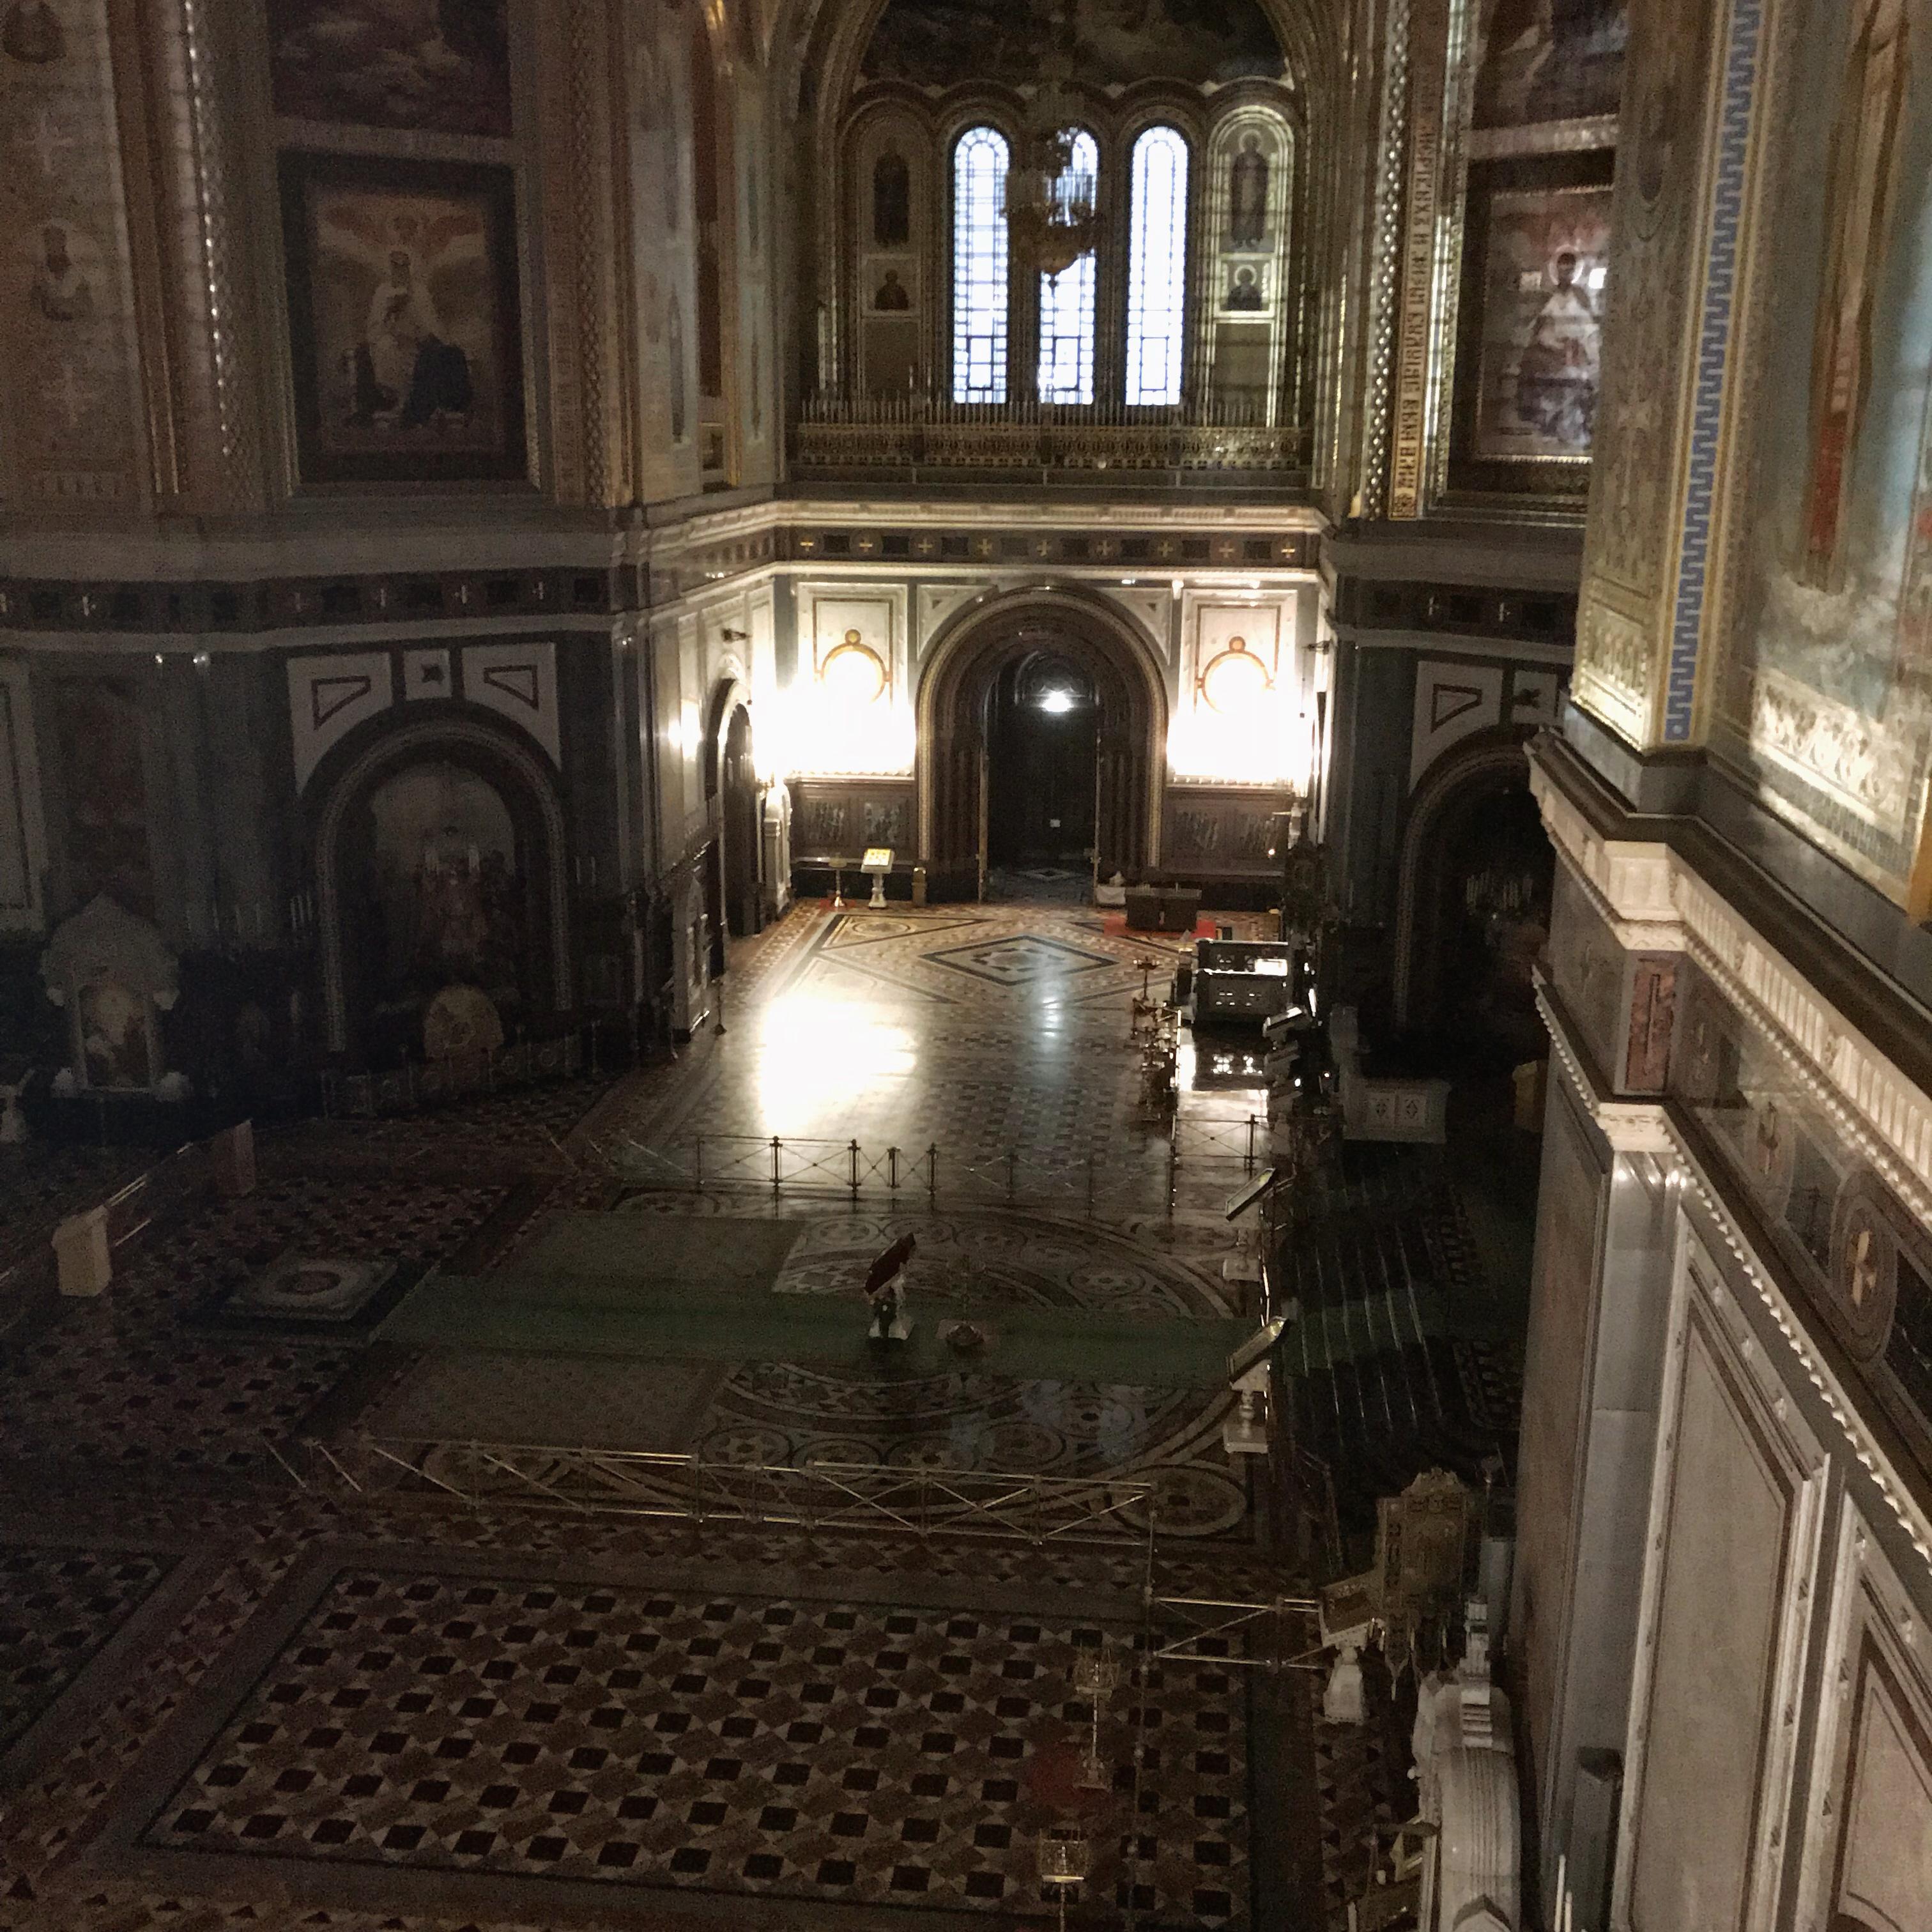 Der Blick in den Innenraum der Kathedrale